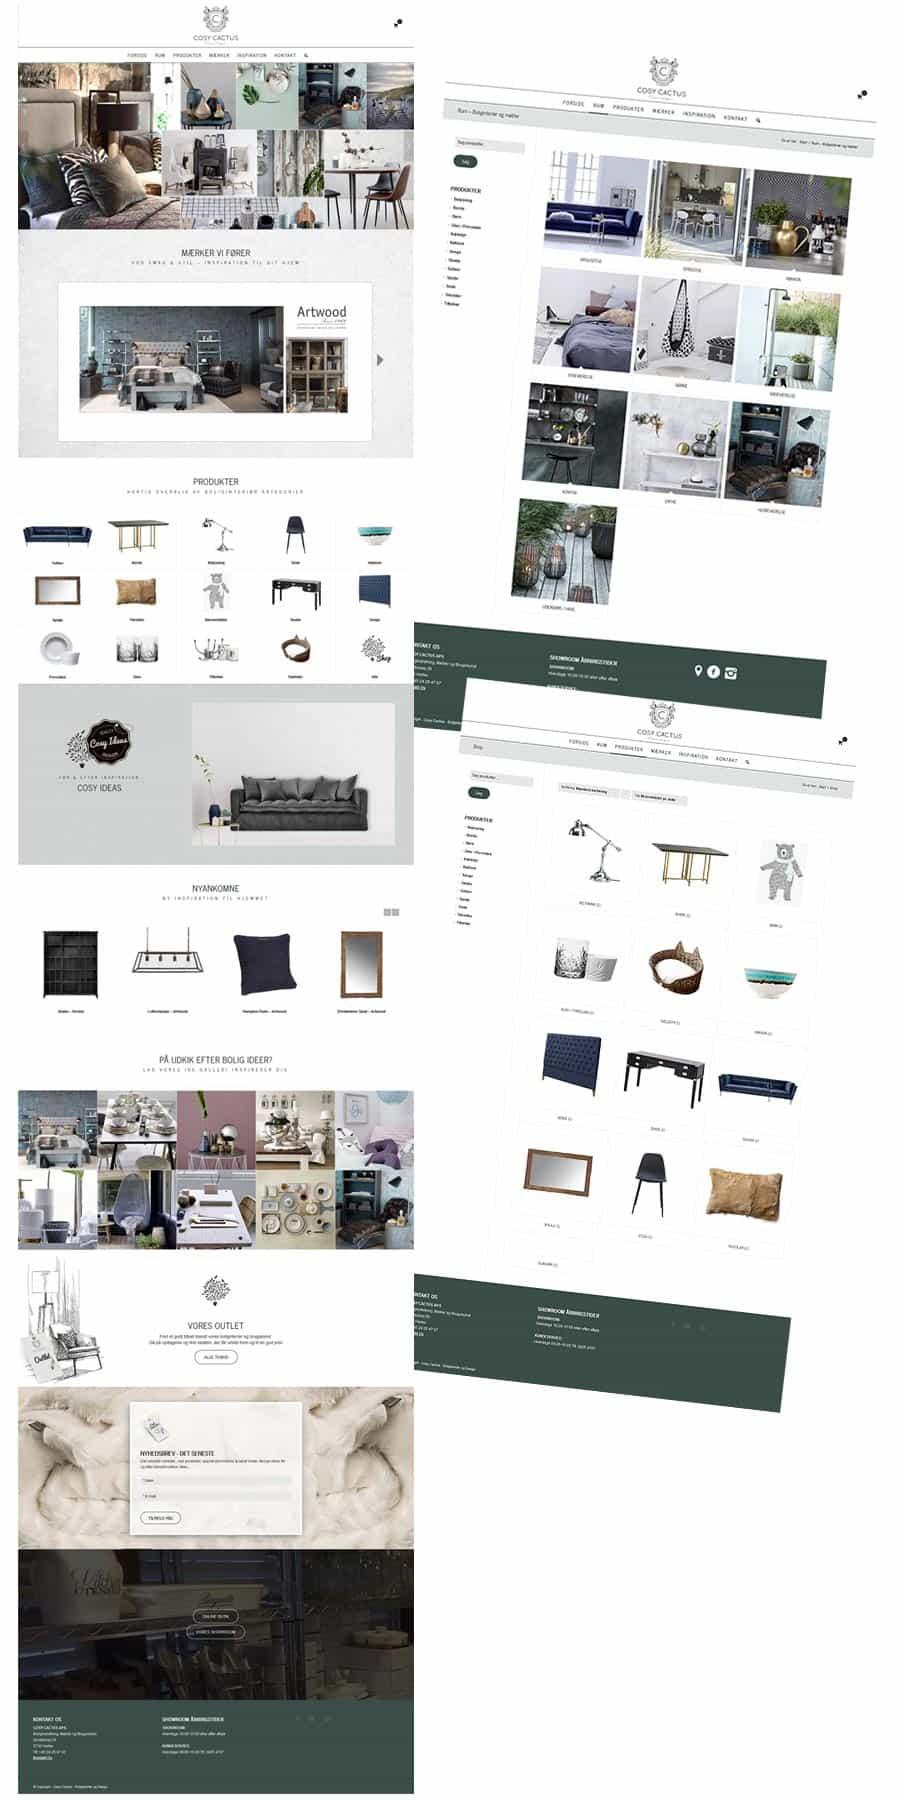 Hjemmeside sider efter design